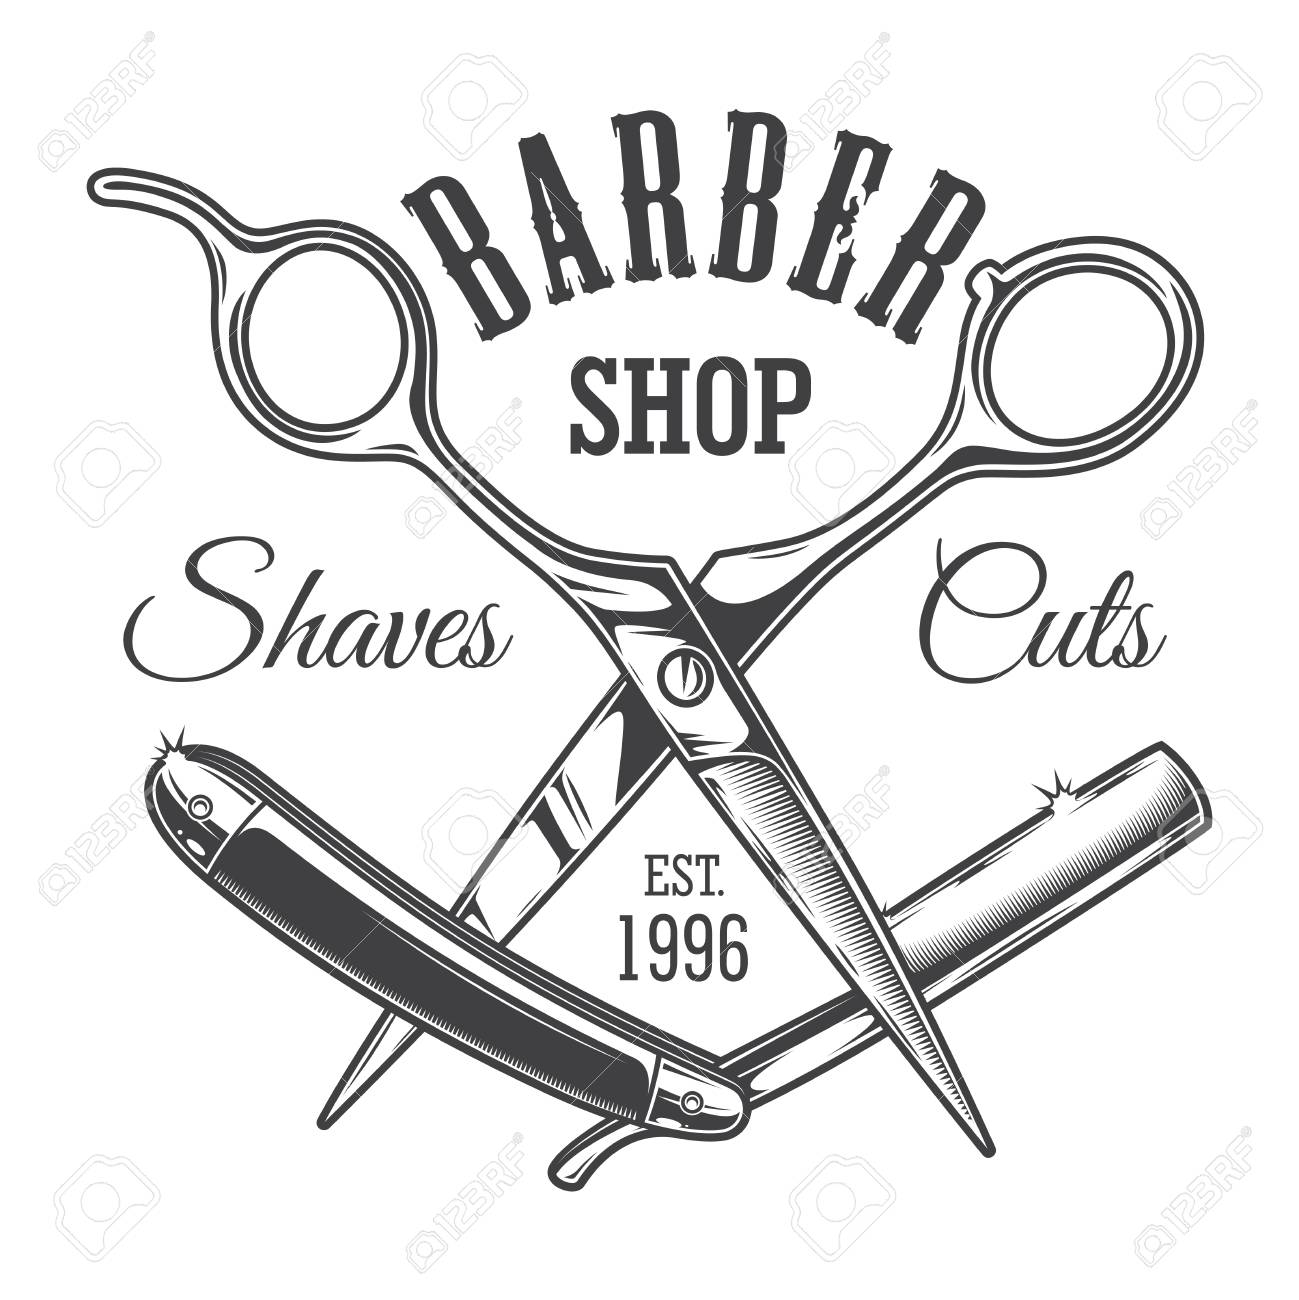 Vintage hairdresser salon label with barber scissors and razor...